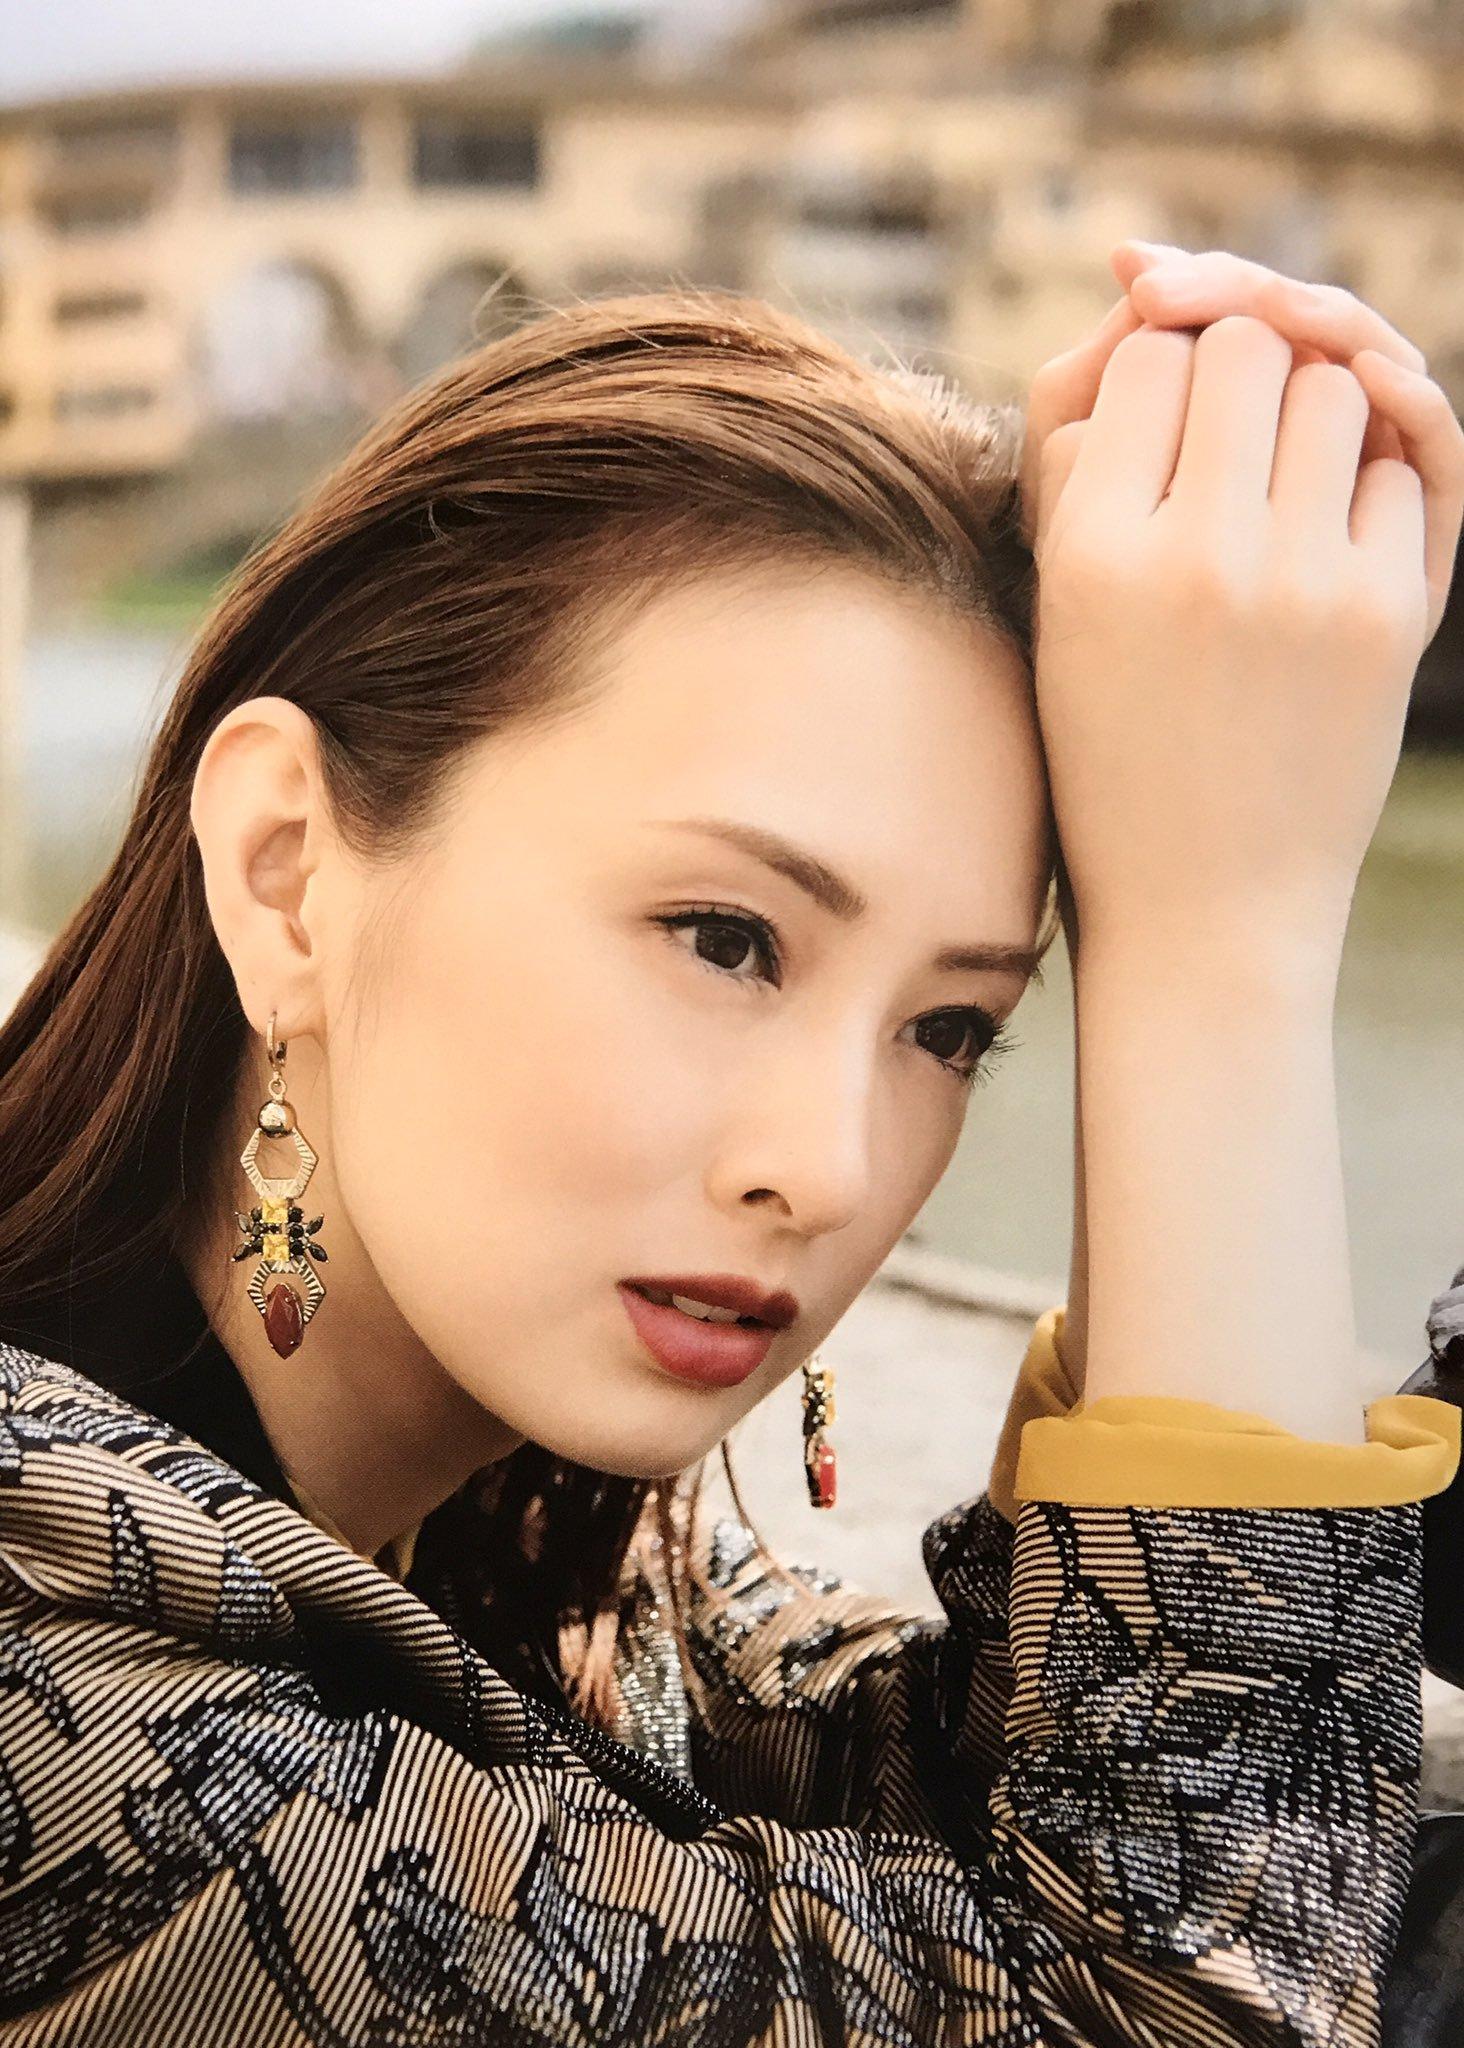 """第13回 女性が選ぶ""""なりたい顔 ... - ORICON NEWS"""